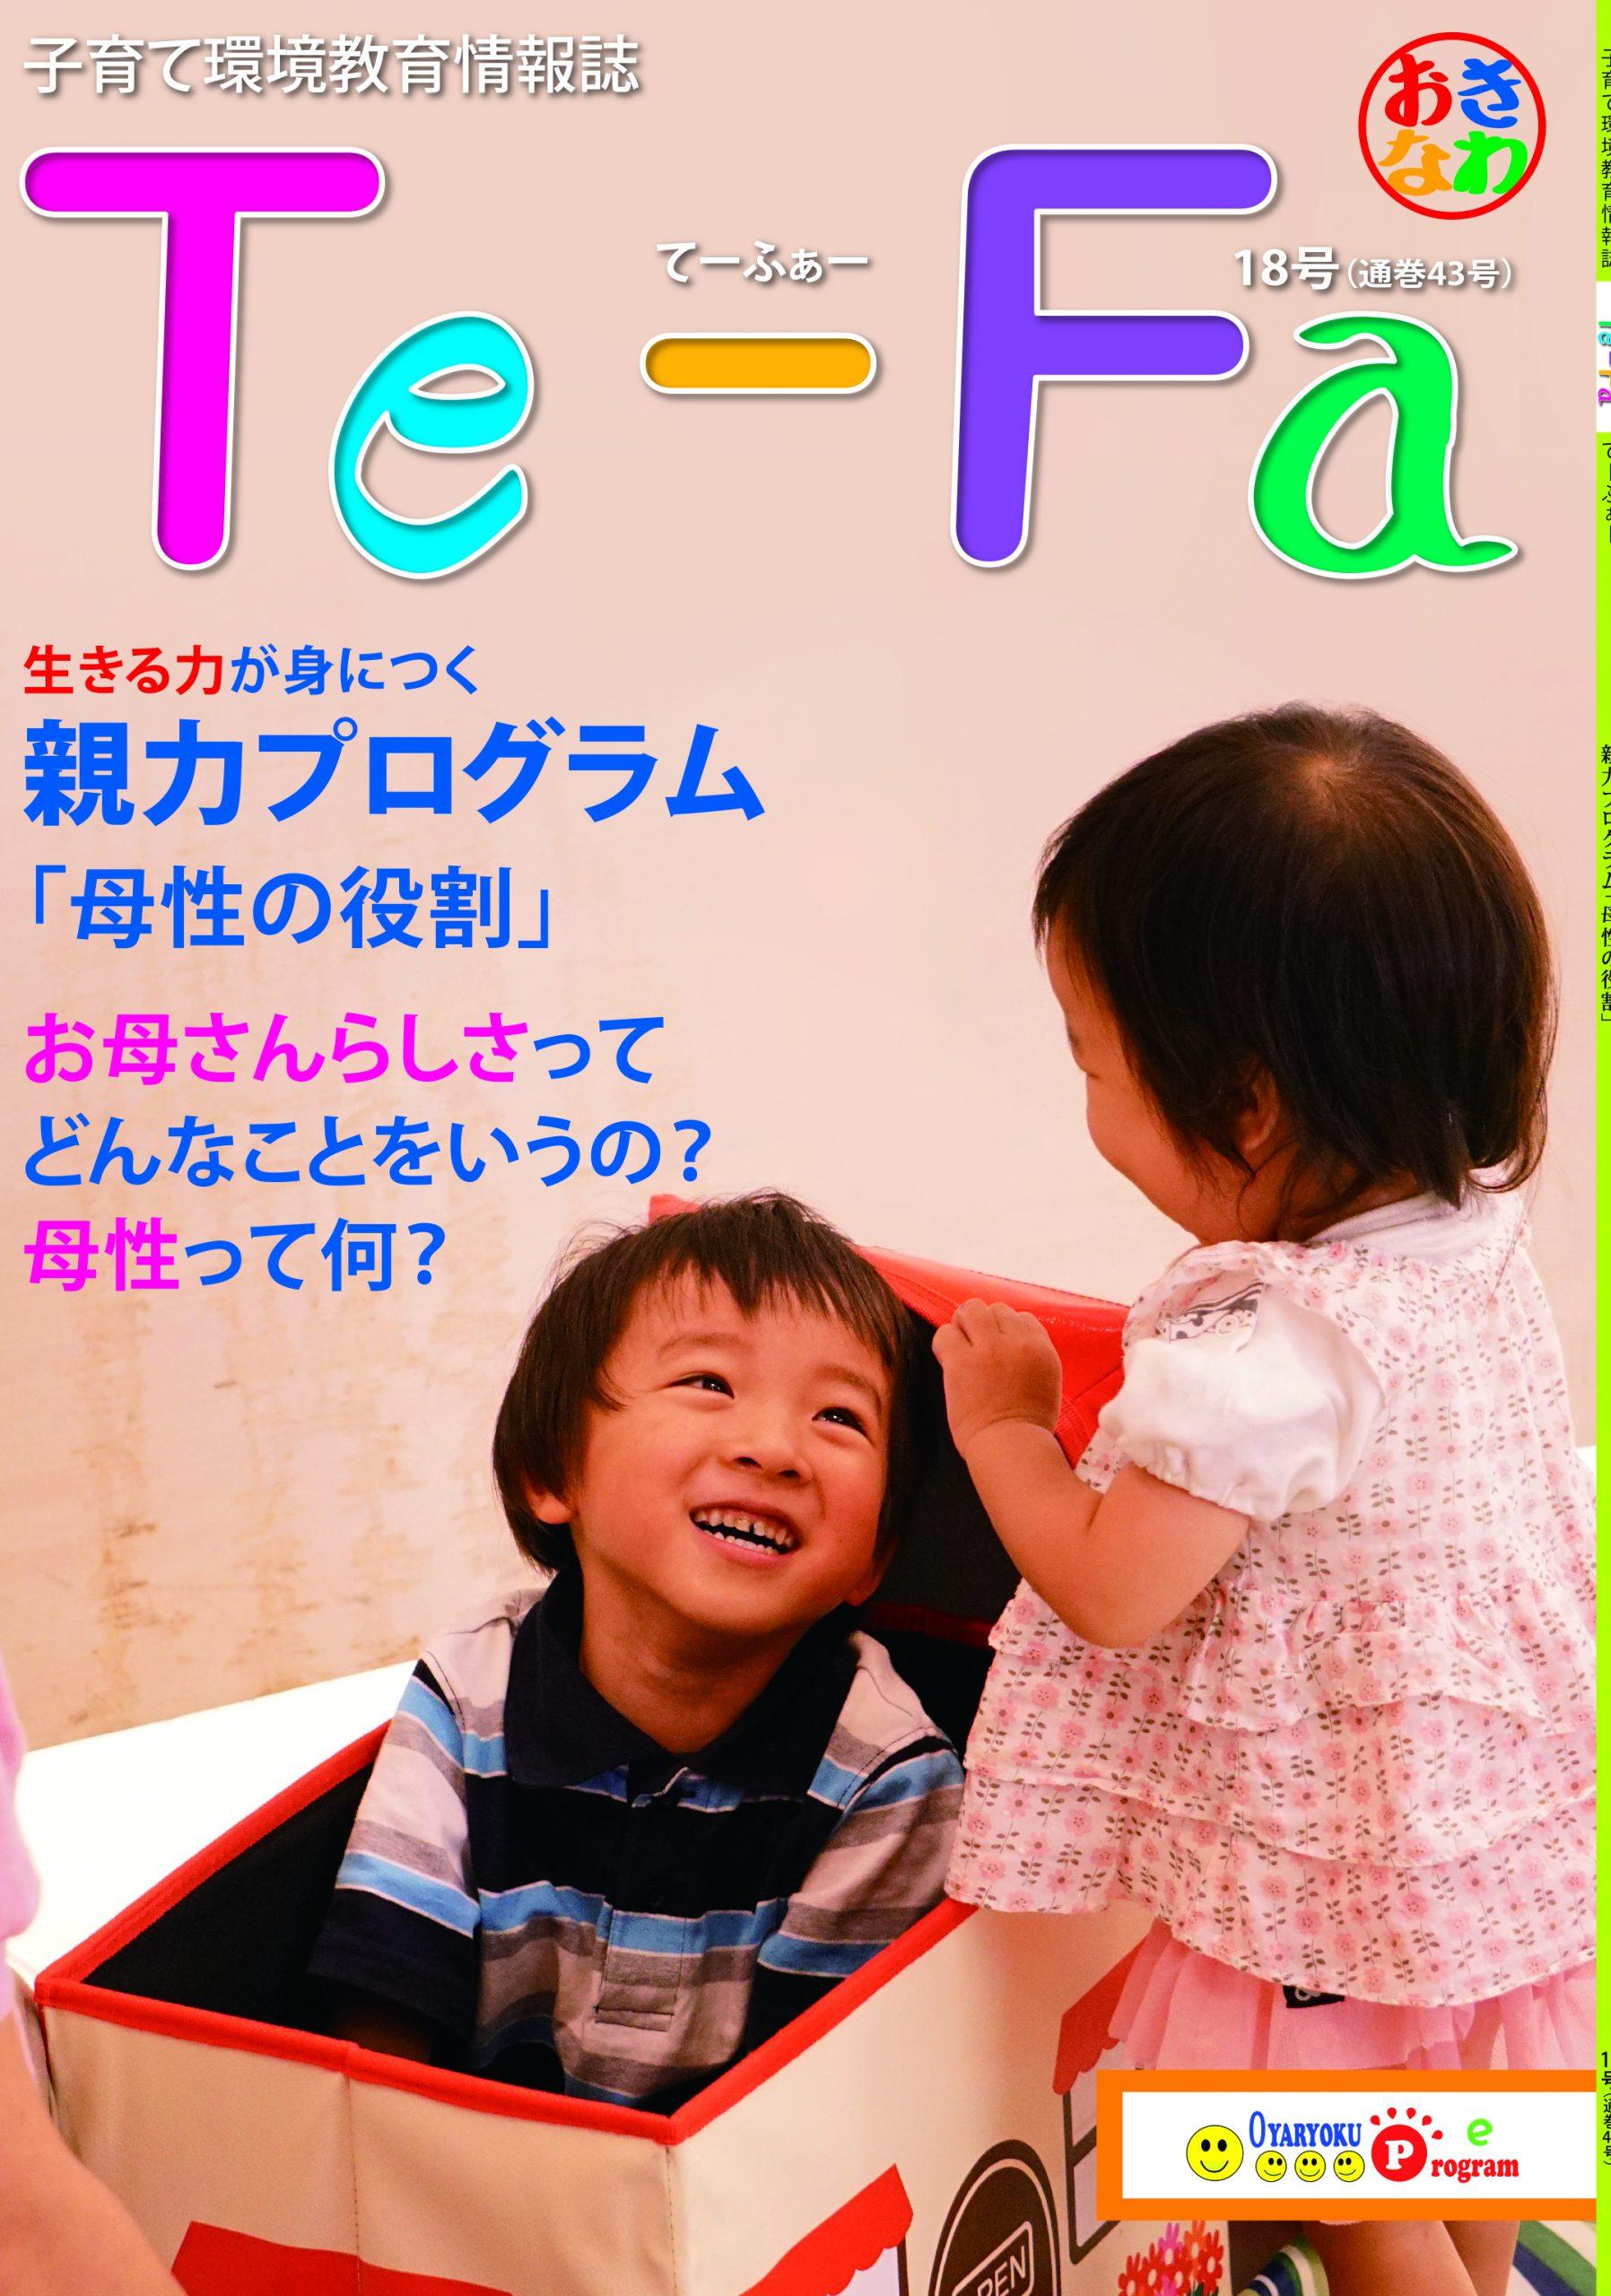 還元祭 その㉟ Te-Fa18号 「母性の役割」 命の歓喜が分かること